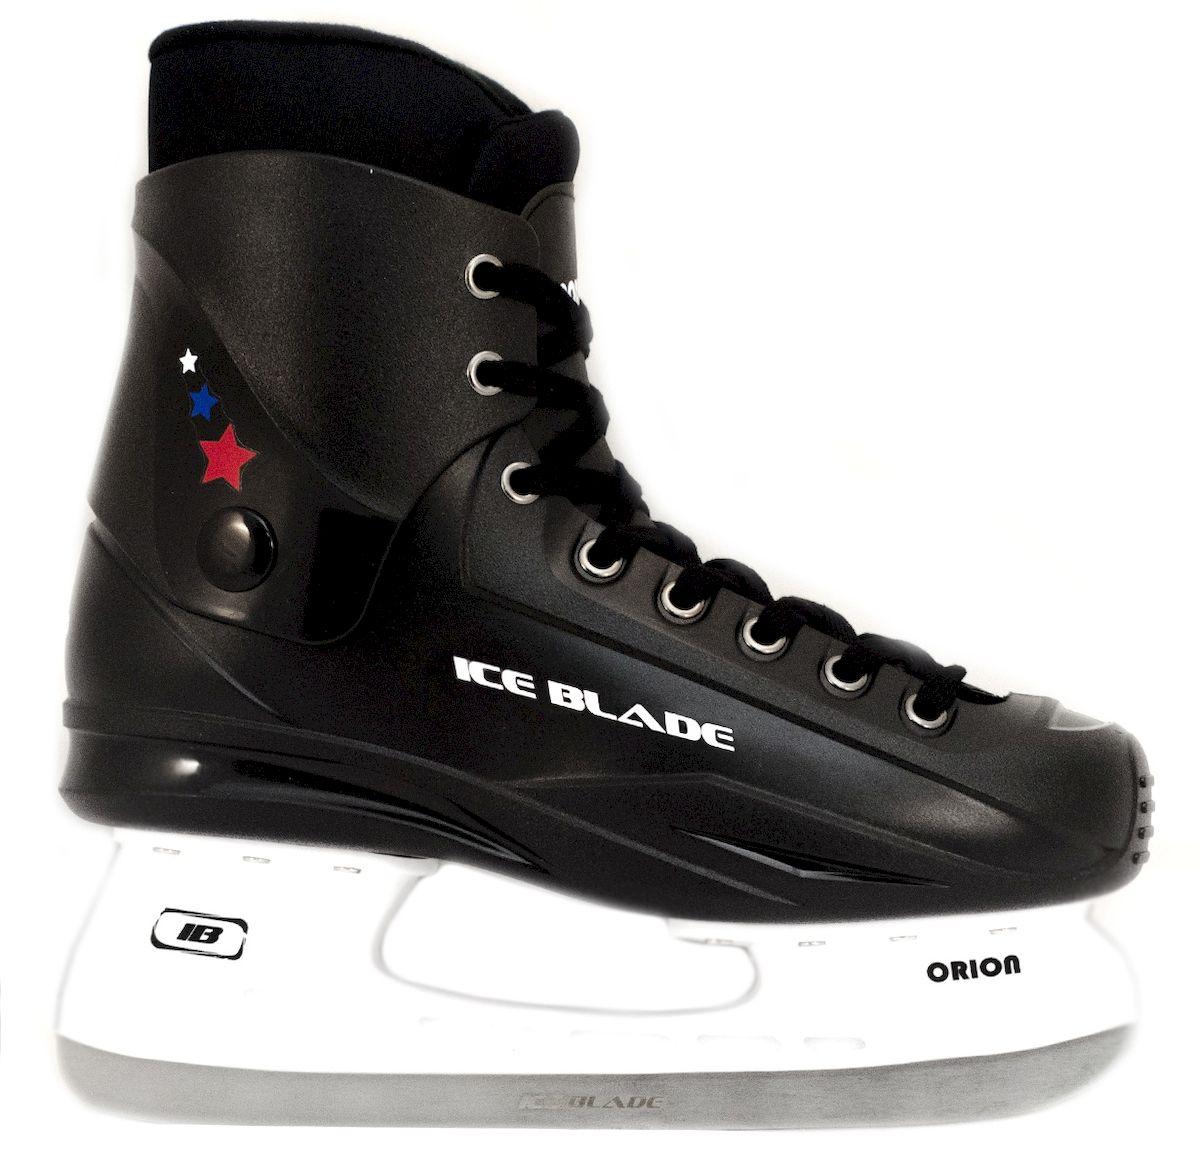 Коньки хоккейные Ice Blade Orion, цвет: черный. УТ-00004984. Размер 45УТ-00004984Коньки хоккейные Orion - это хоккейные коньки для любых возрастов. Конструкция Ice Blade Orion прекрасно защищает стопу, очень комфортно для активного катания, а также позволяет играть в хоккей. Легкий пластиковый ботинок хоккейных коньков Ice Blade Orion очень комфортный как для простого катания на льду, так и для любительского хоккея. Внутренний сапожок утеплен мягким и дышащим материалом, а язычок усилен специальной вставкой для большей безопасности Вашей стопы. Модель Ice Blade Orion также прекрасно подойдет и для коммерческого использования. Данную модель часто покупают для использования в прокате. Материал: Выполнены из высококачественного морозостойкого пластика и нейлоновой сетки. Внутренняя часть отделана мягким вельветом. Материал лезвия - высокоуглеродистая сталь. Основные характеристики: Назначение: хоккейные коньки Тип фиксации: шнурки Дополнительные характеристики: Материал ботинка: высококачественный морозостойкий пластик и нейлоновая сетка...